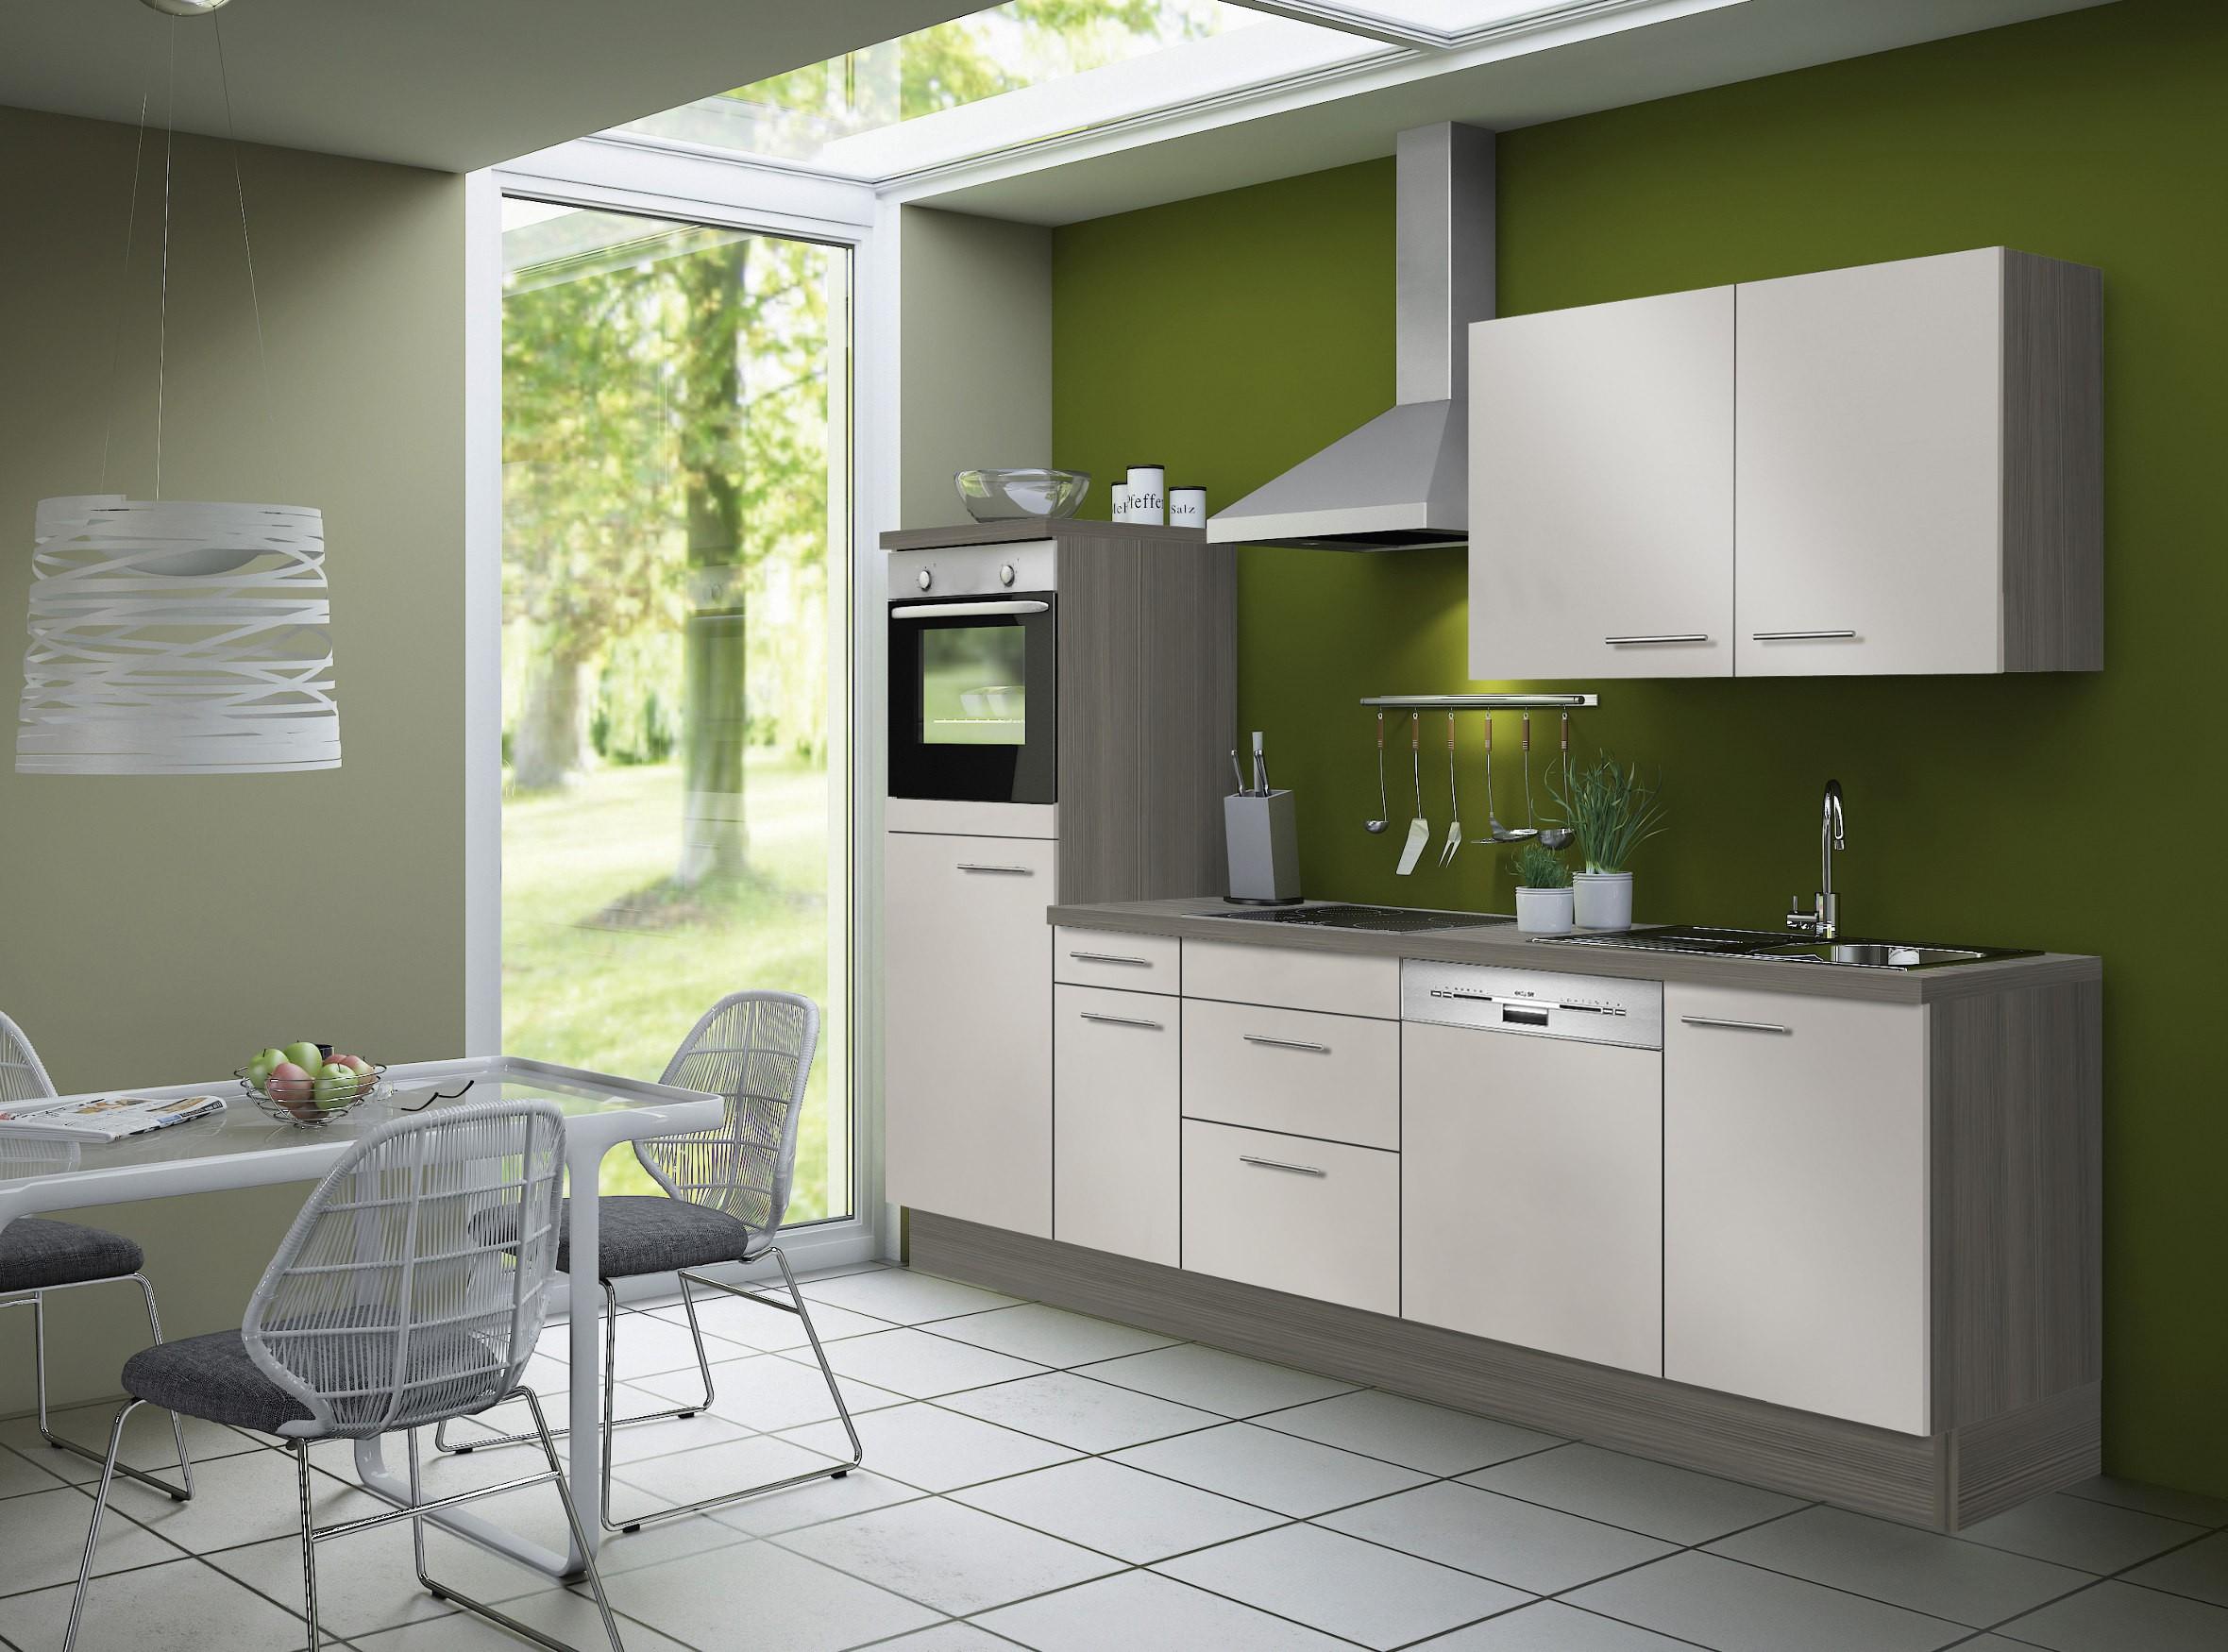 k chenzeile cadiz vario 3 k che mit e ger ten breite. Black Bedroom Furniture Sets. Home Design Ideas